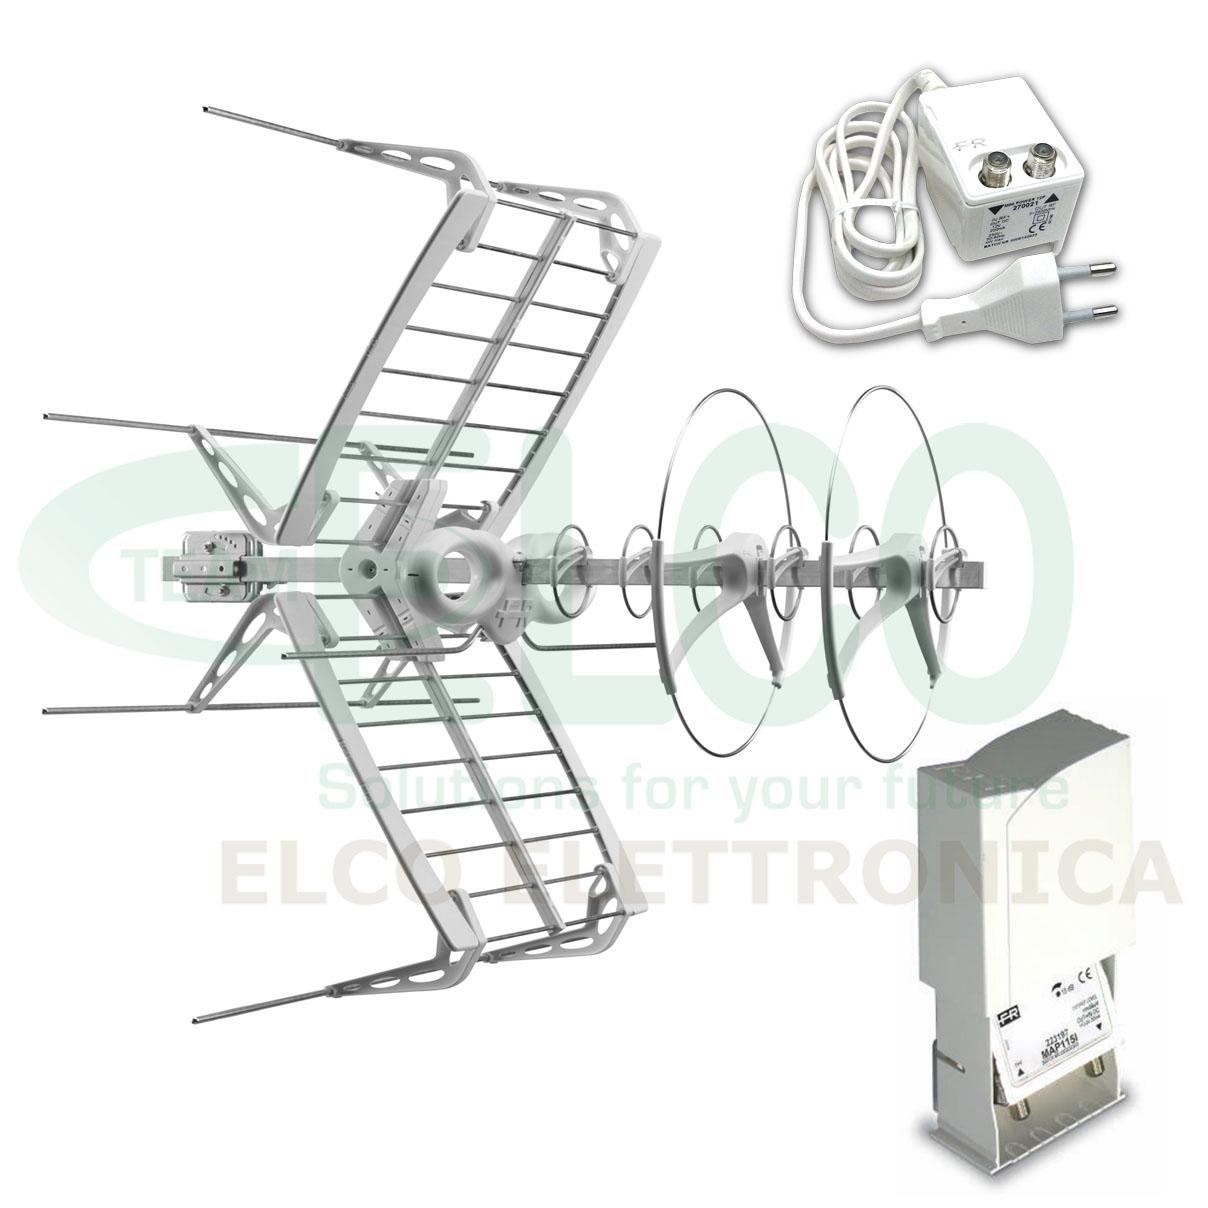 Fracarro kit 9 LTE